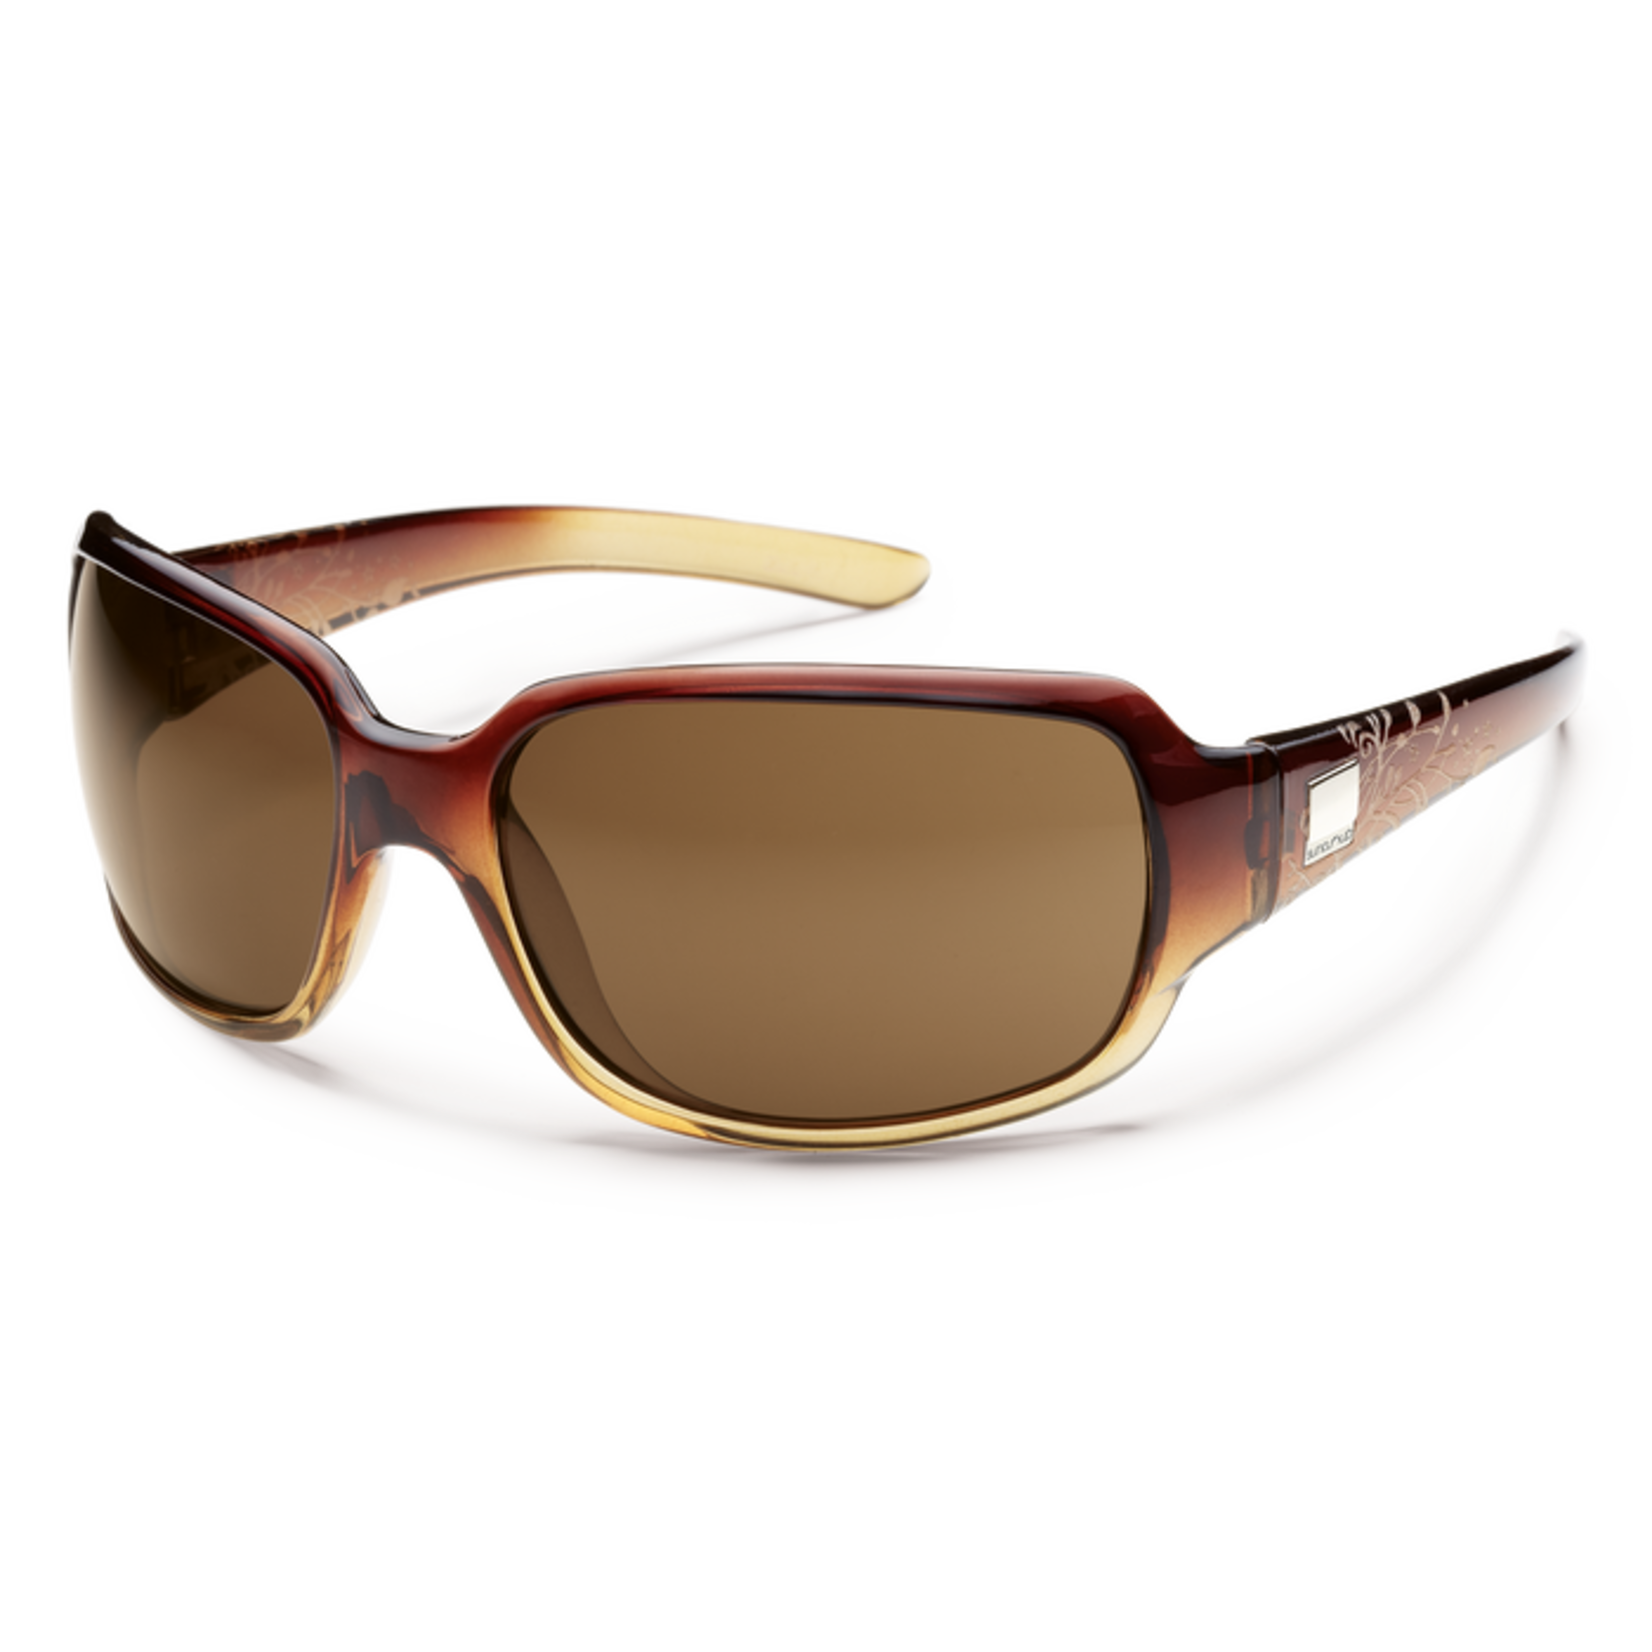 Suncloud Optics Suncloud Cookie Polarized Sunglasses